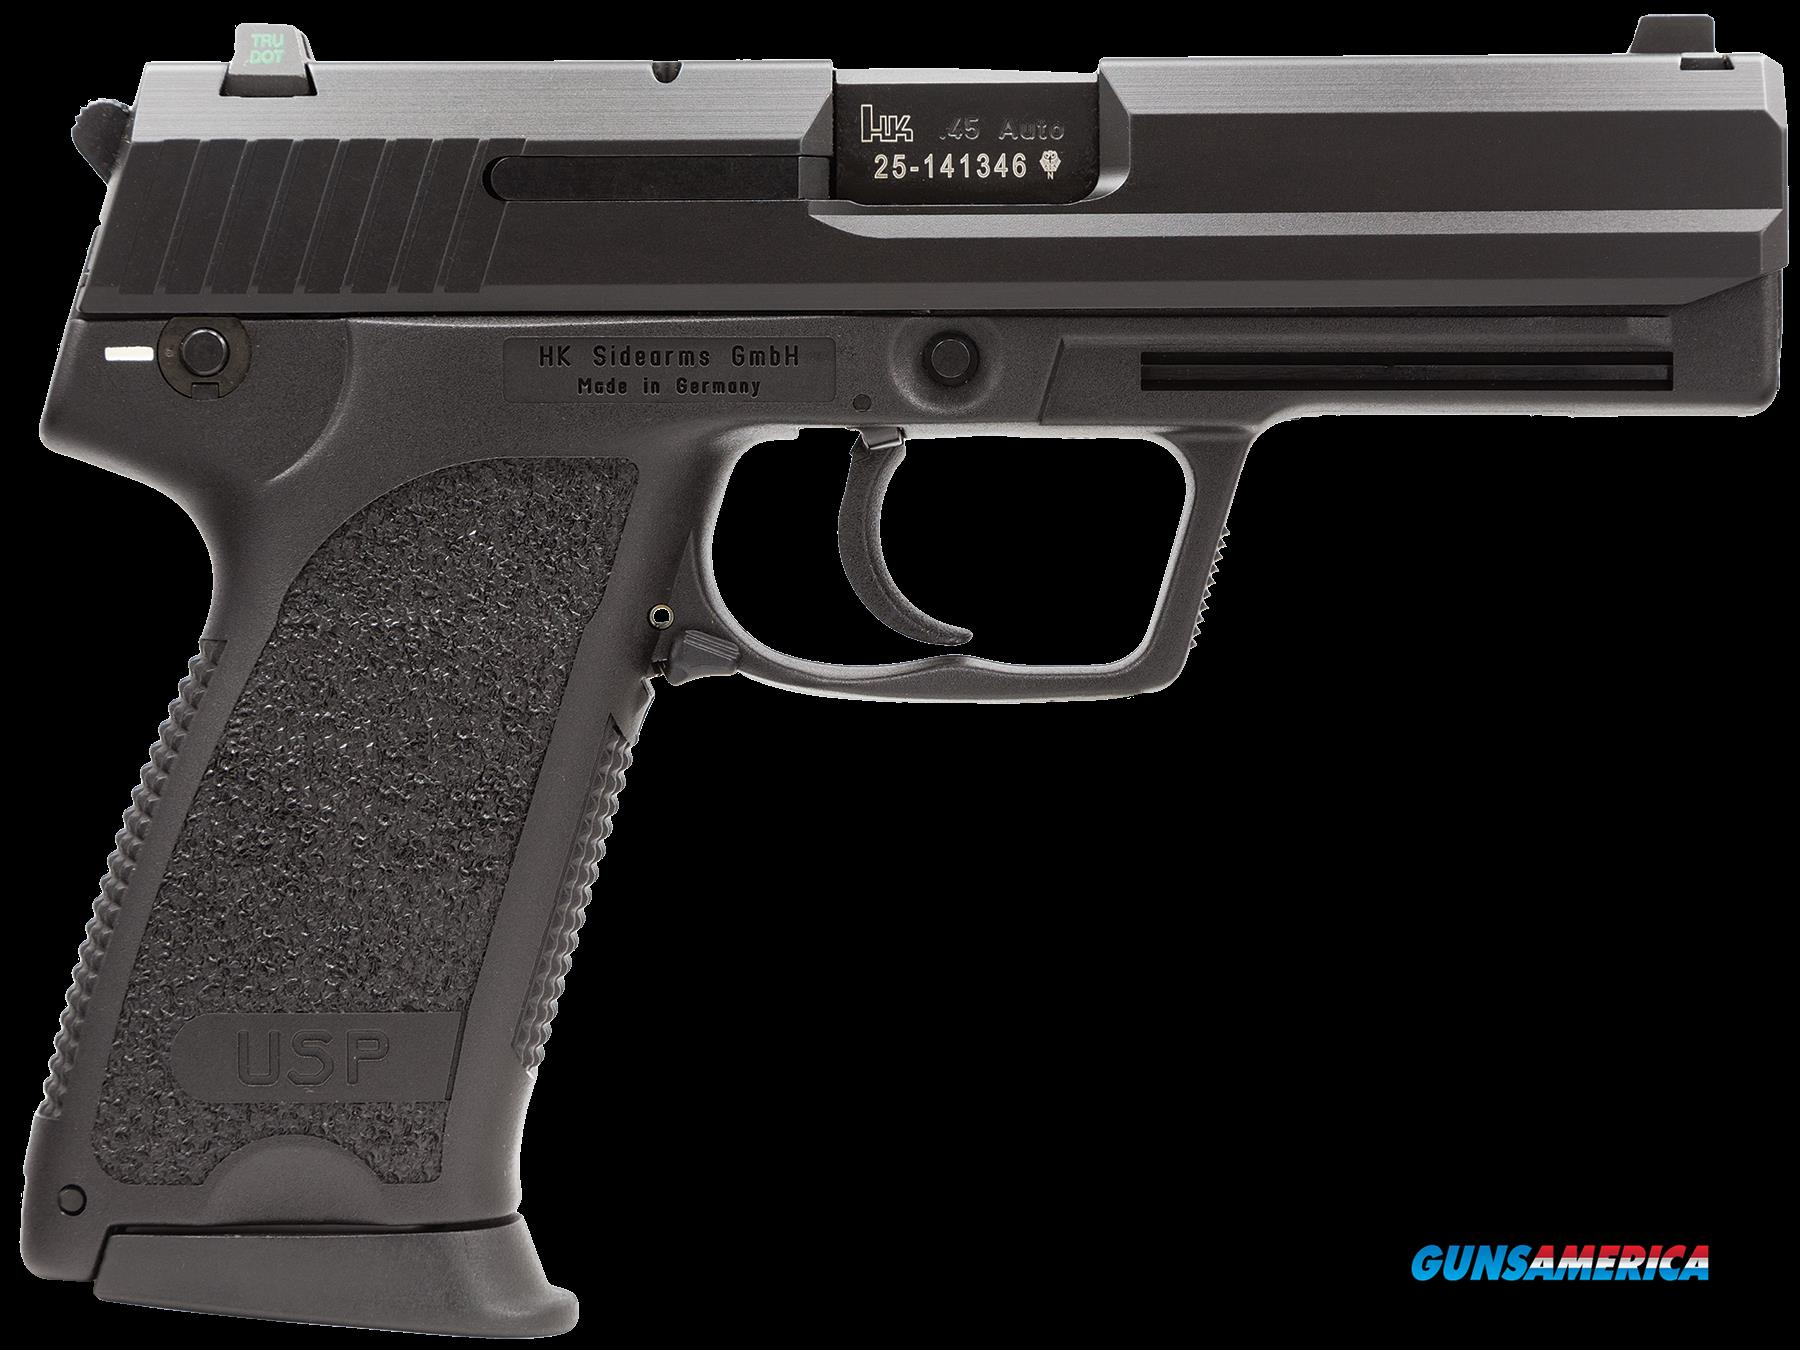 Hk Usp45, Hk 81000323       Usp45 Ns    45      12r  Guns > Pistols > 1911 Pistol Copies (non-Colt)